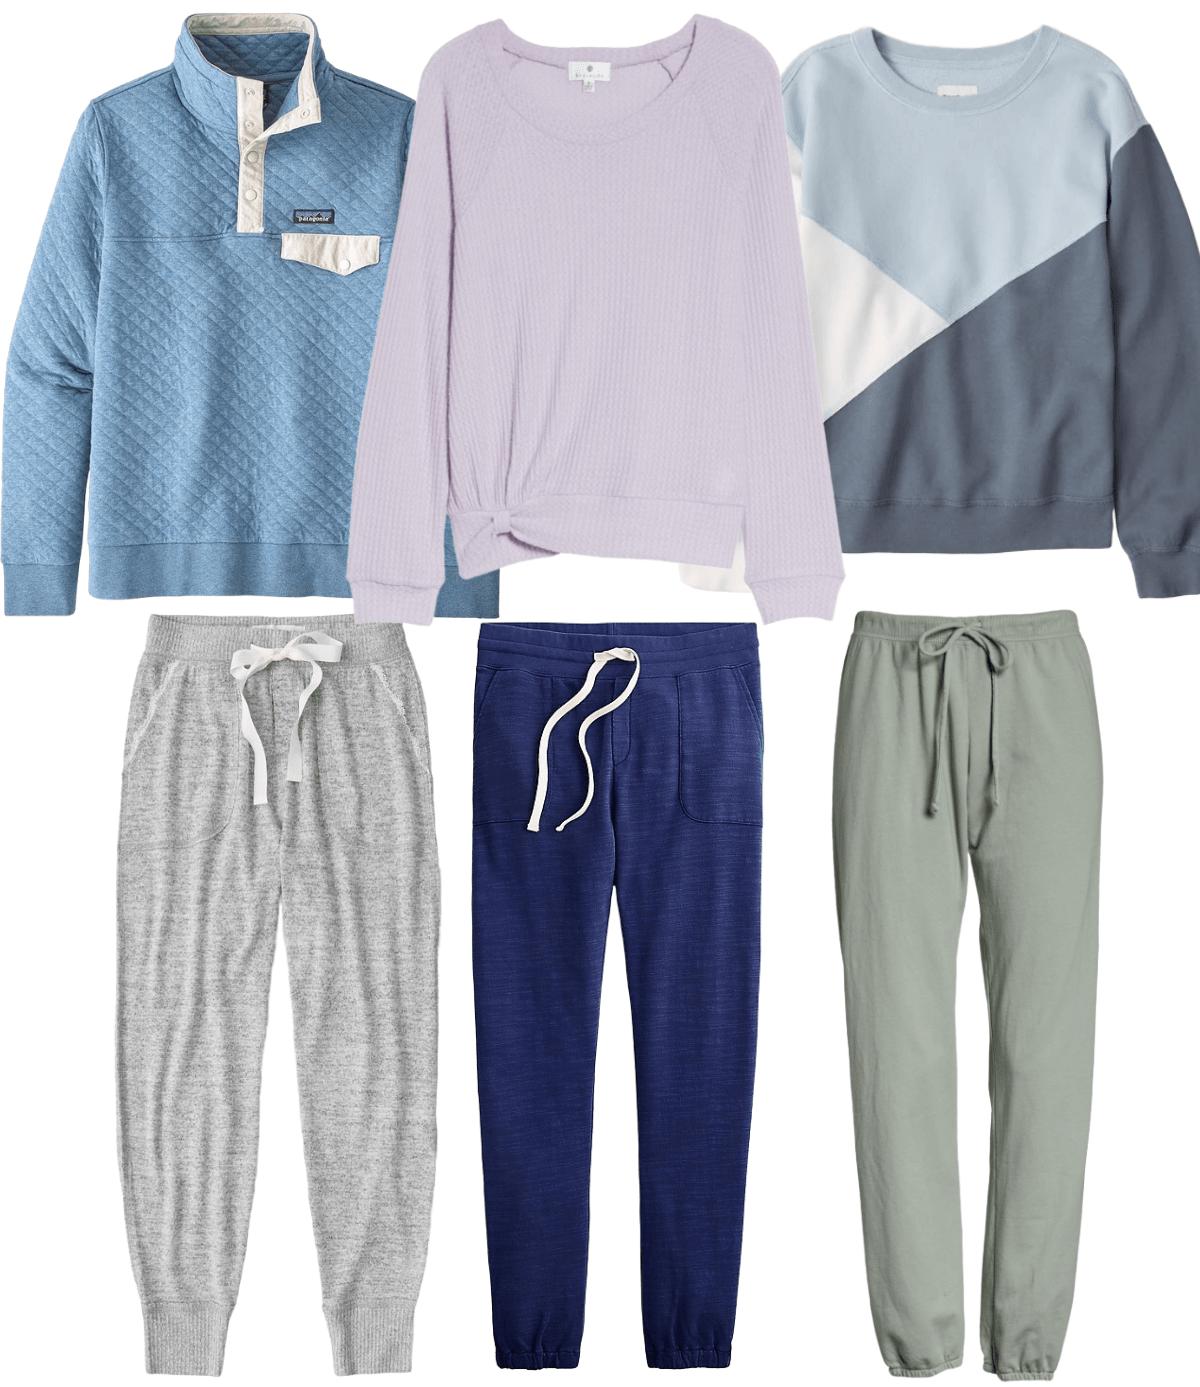 3 Mix match loungewear sets